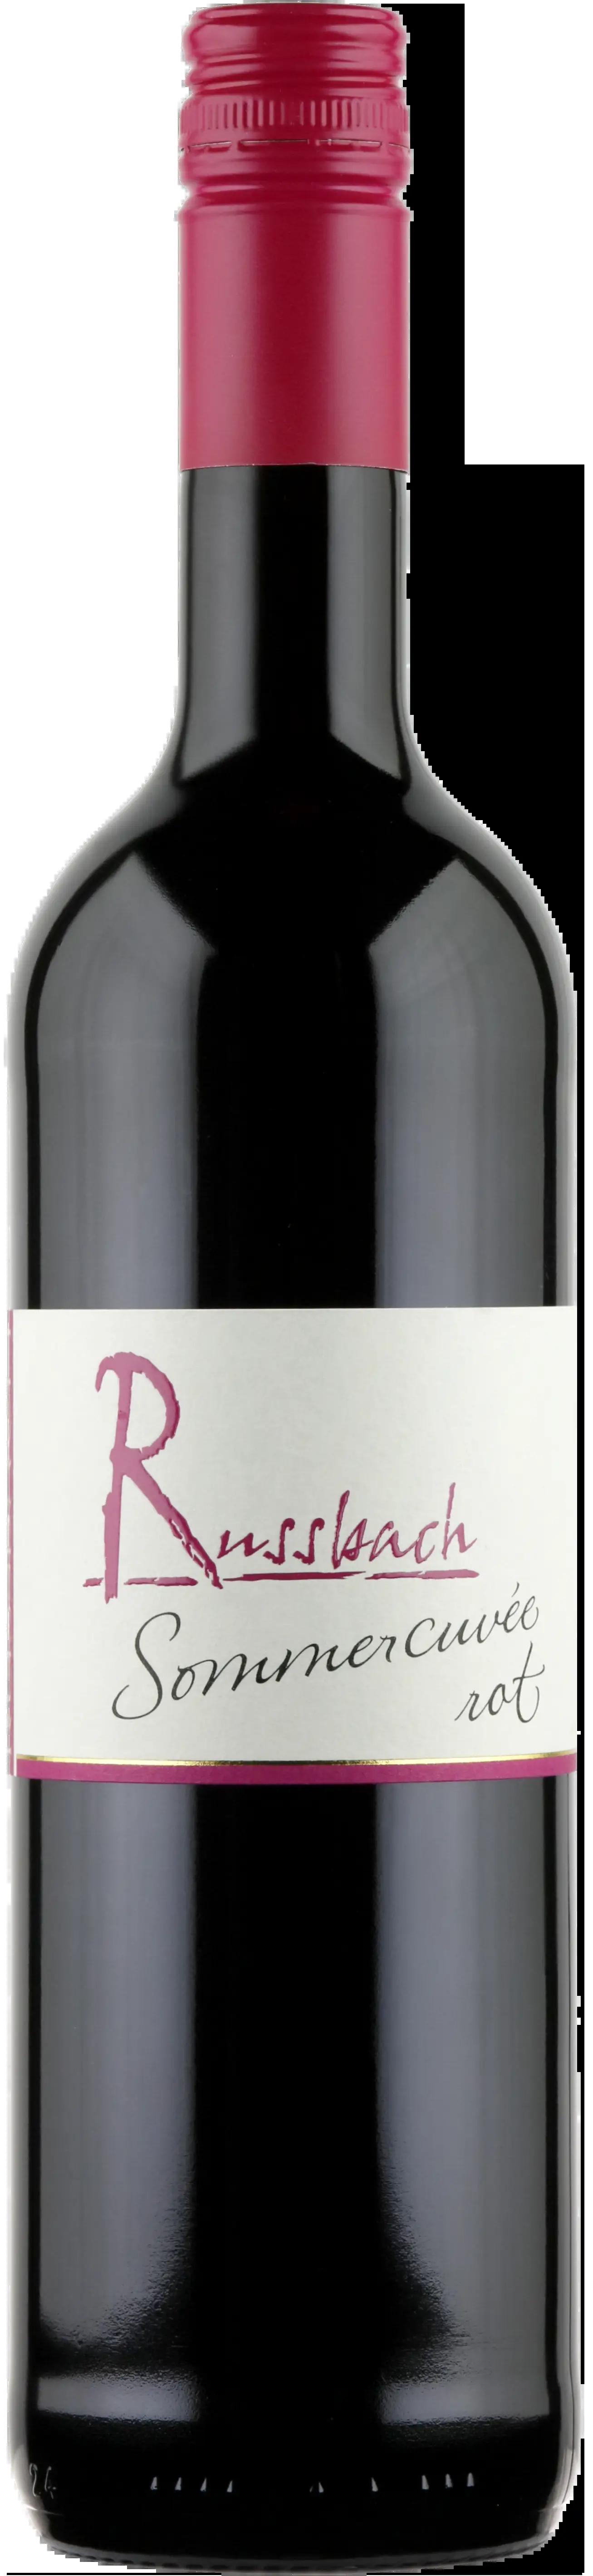 6 Flaschen Sommercuvèe Rot | Russbach | 2019 | 0,75 Liter